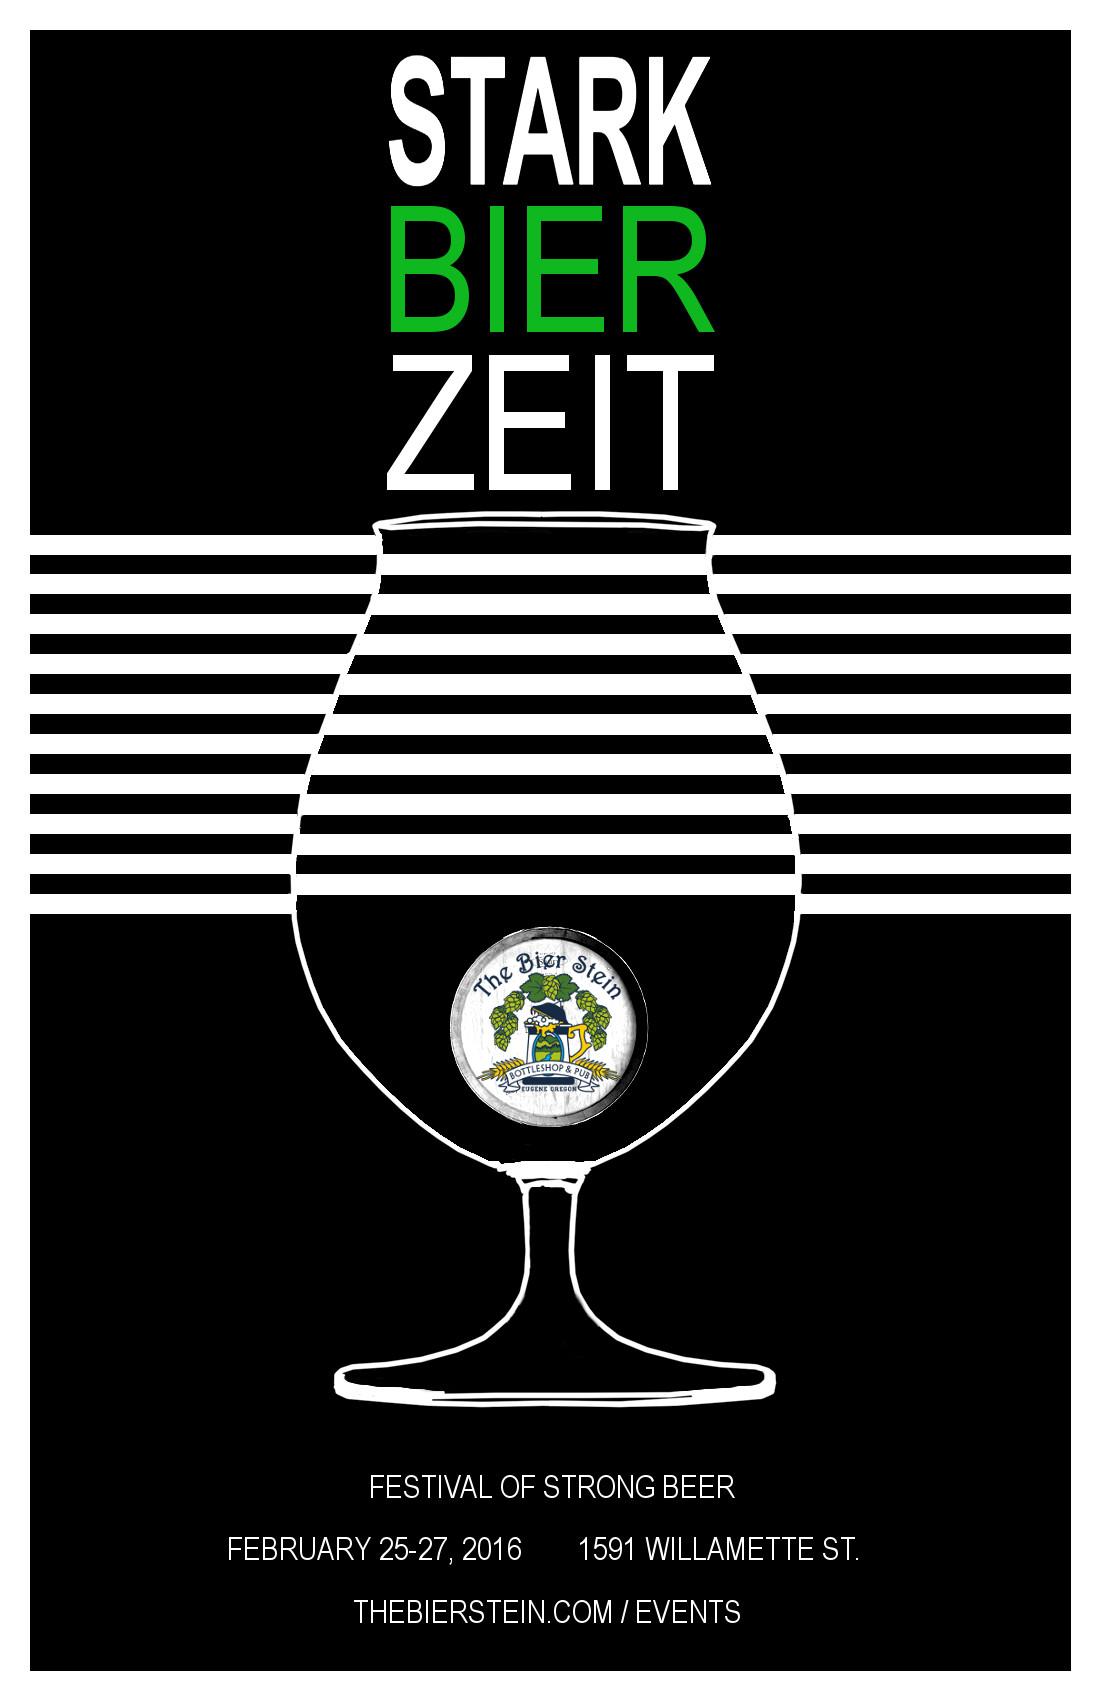 starkbierzeit 2016 poster